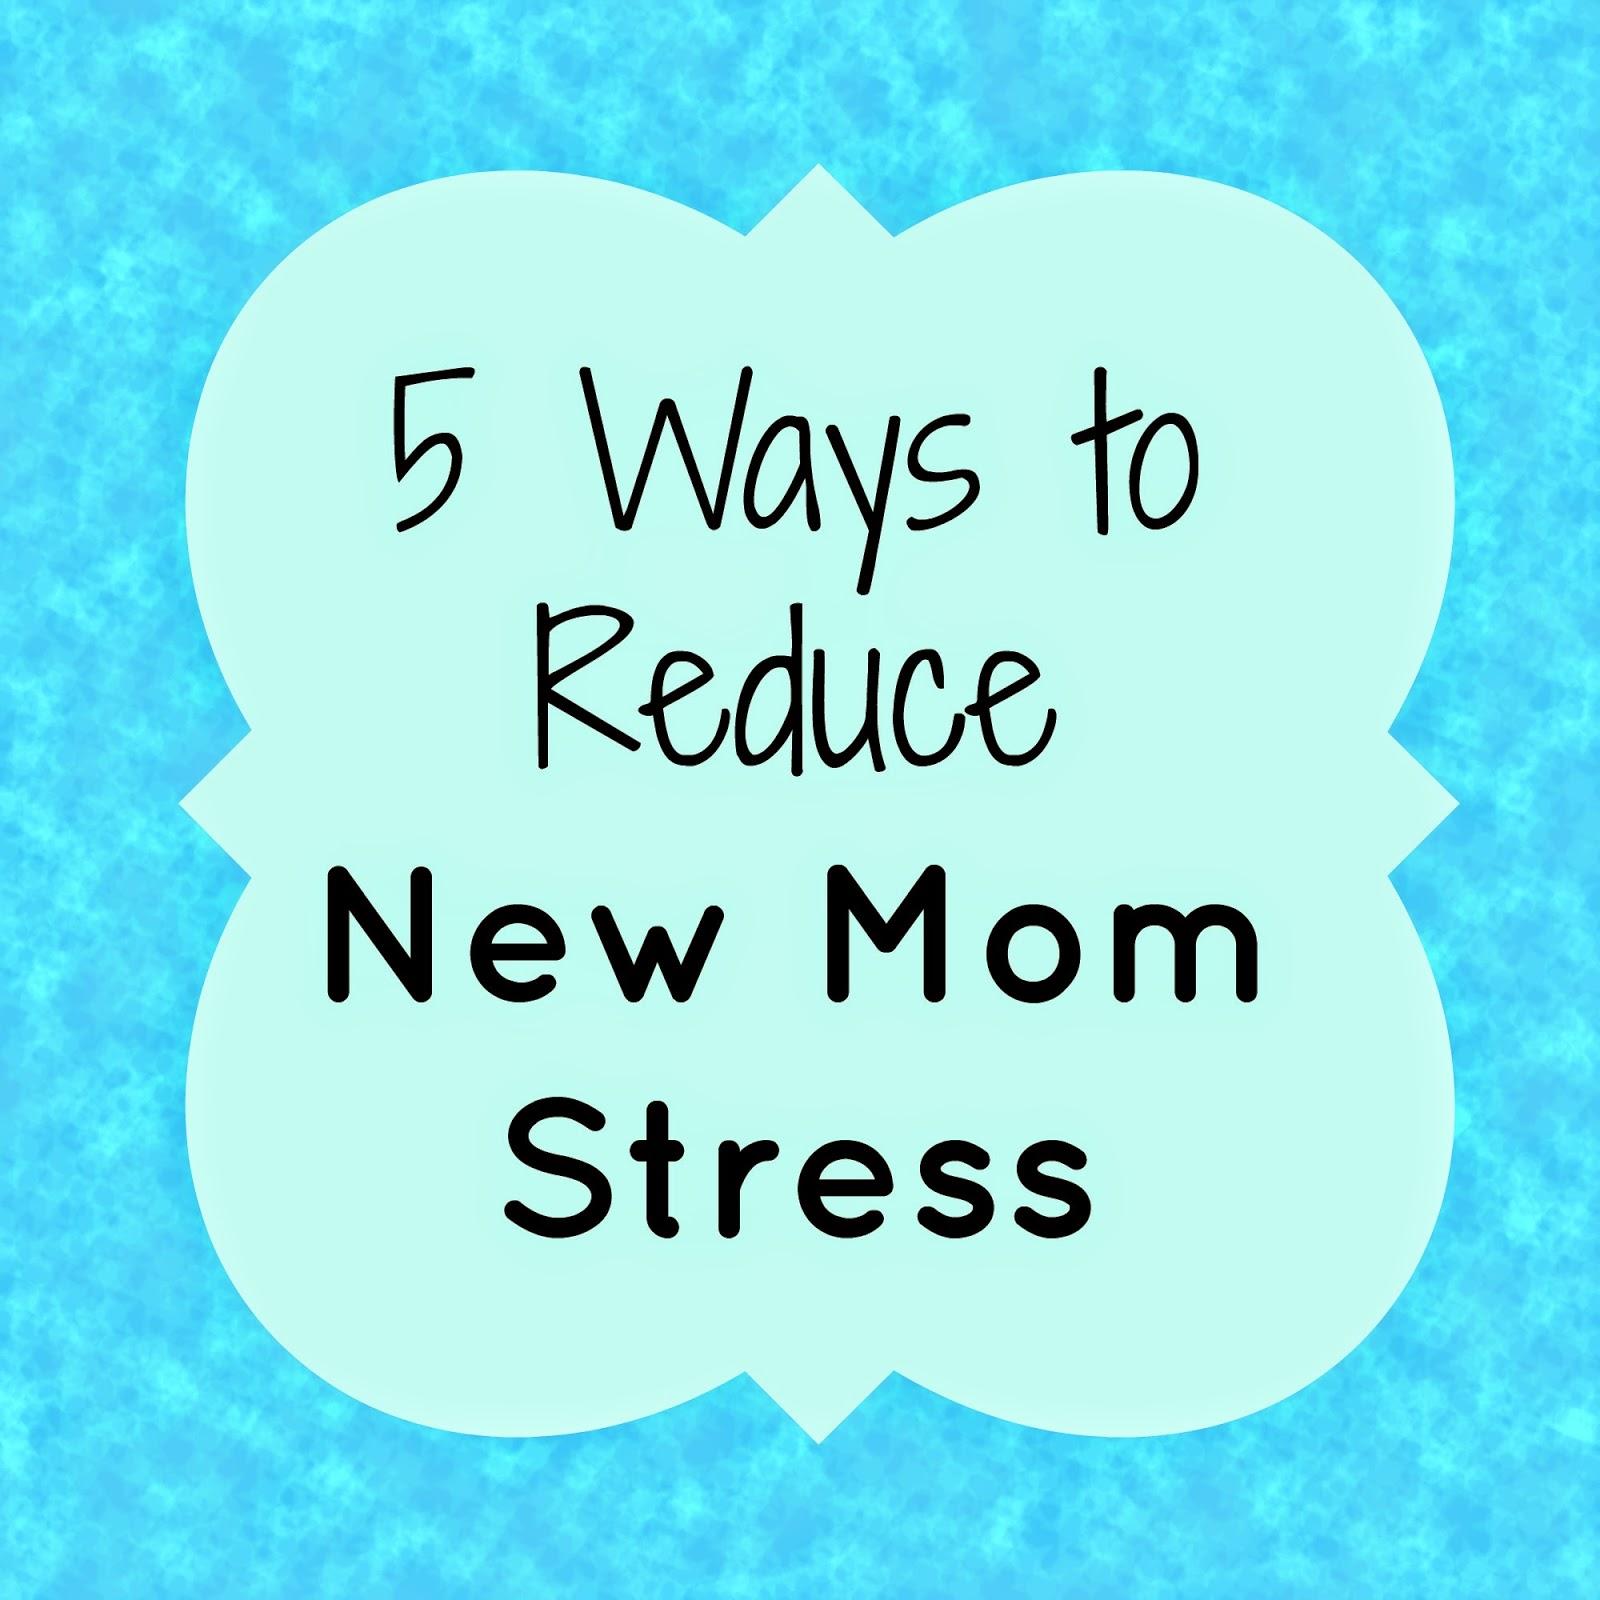 5 Ways to Reduce New Mom Stress